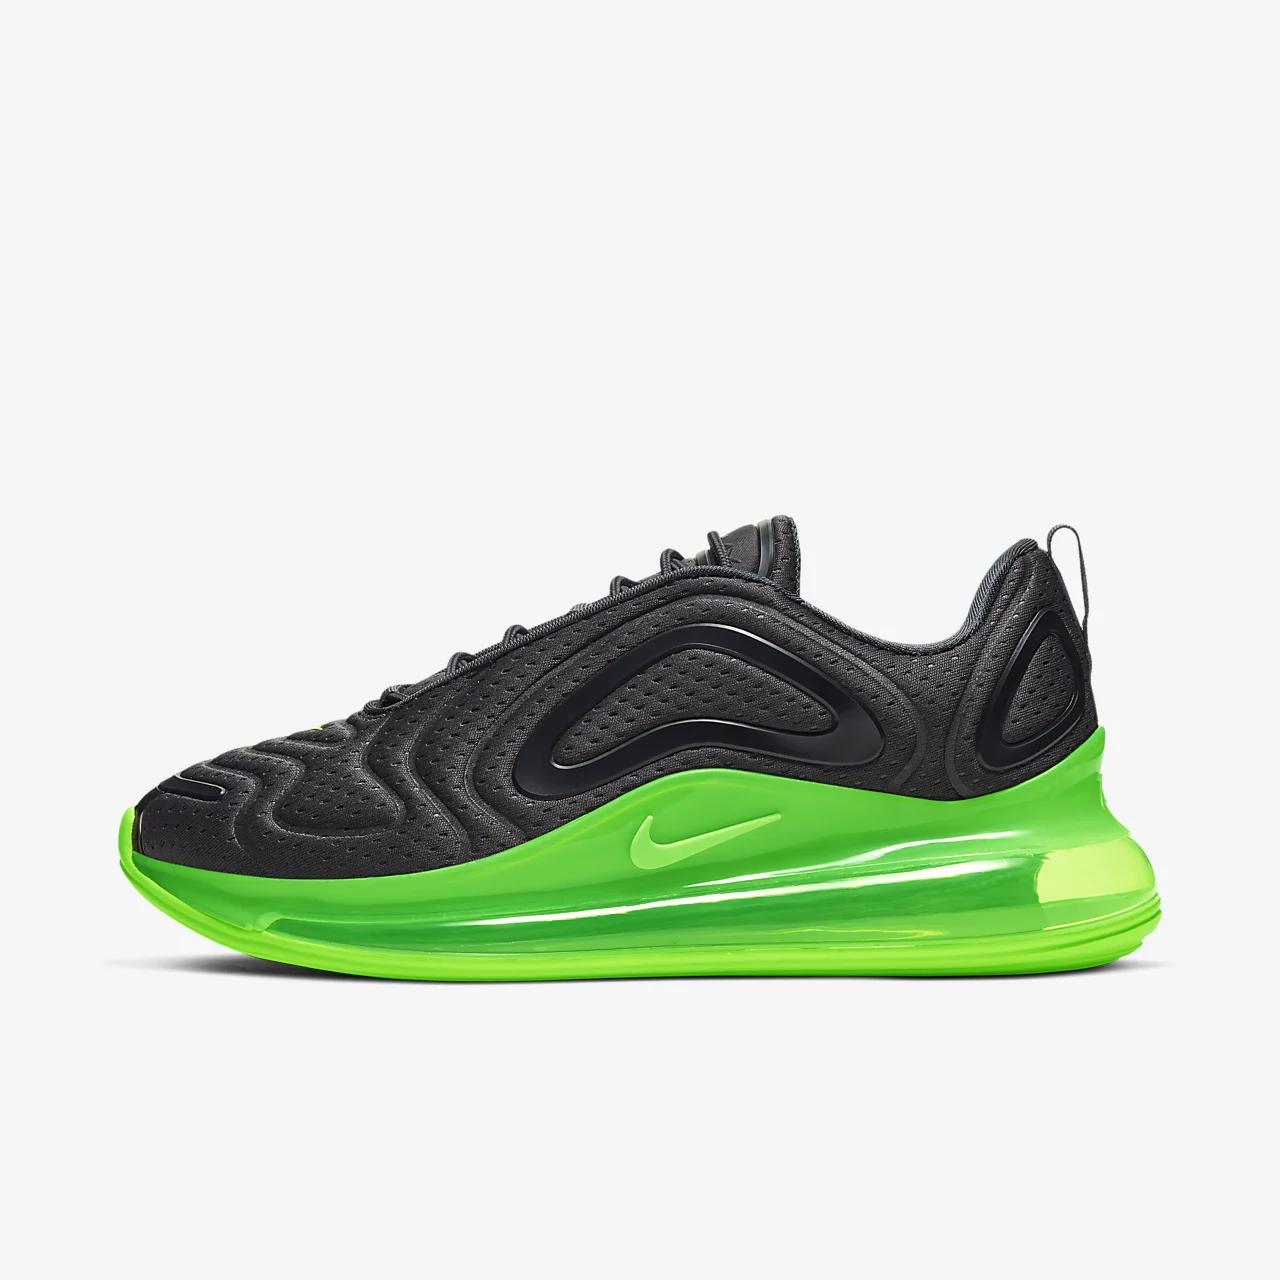 유럽직배송 나이키 NIKE Nike Air Max 720 Men's Shoe AO2924-018